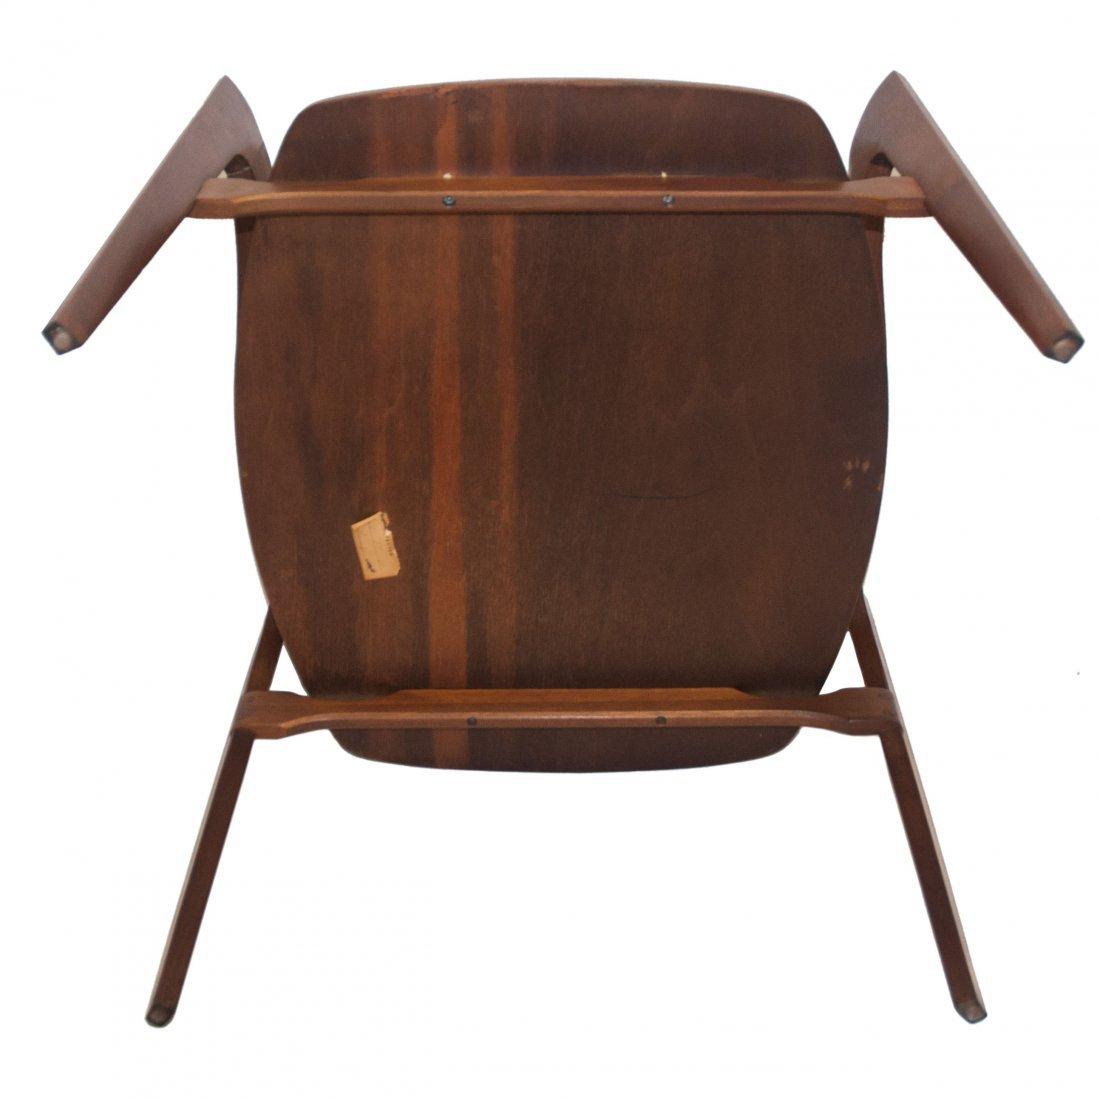 MCM Italian Bertha Schaefer Modern Side Table 1950 - 8